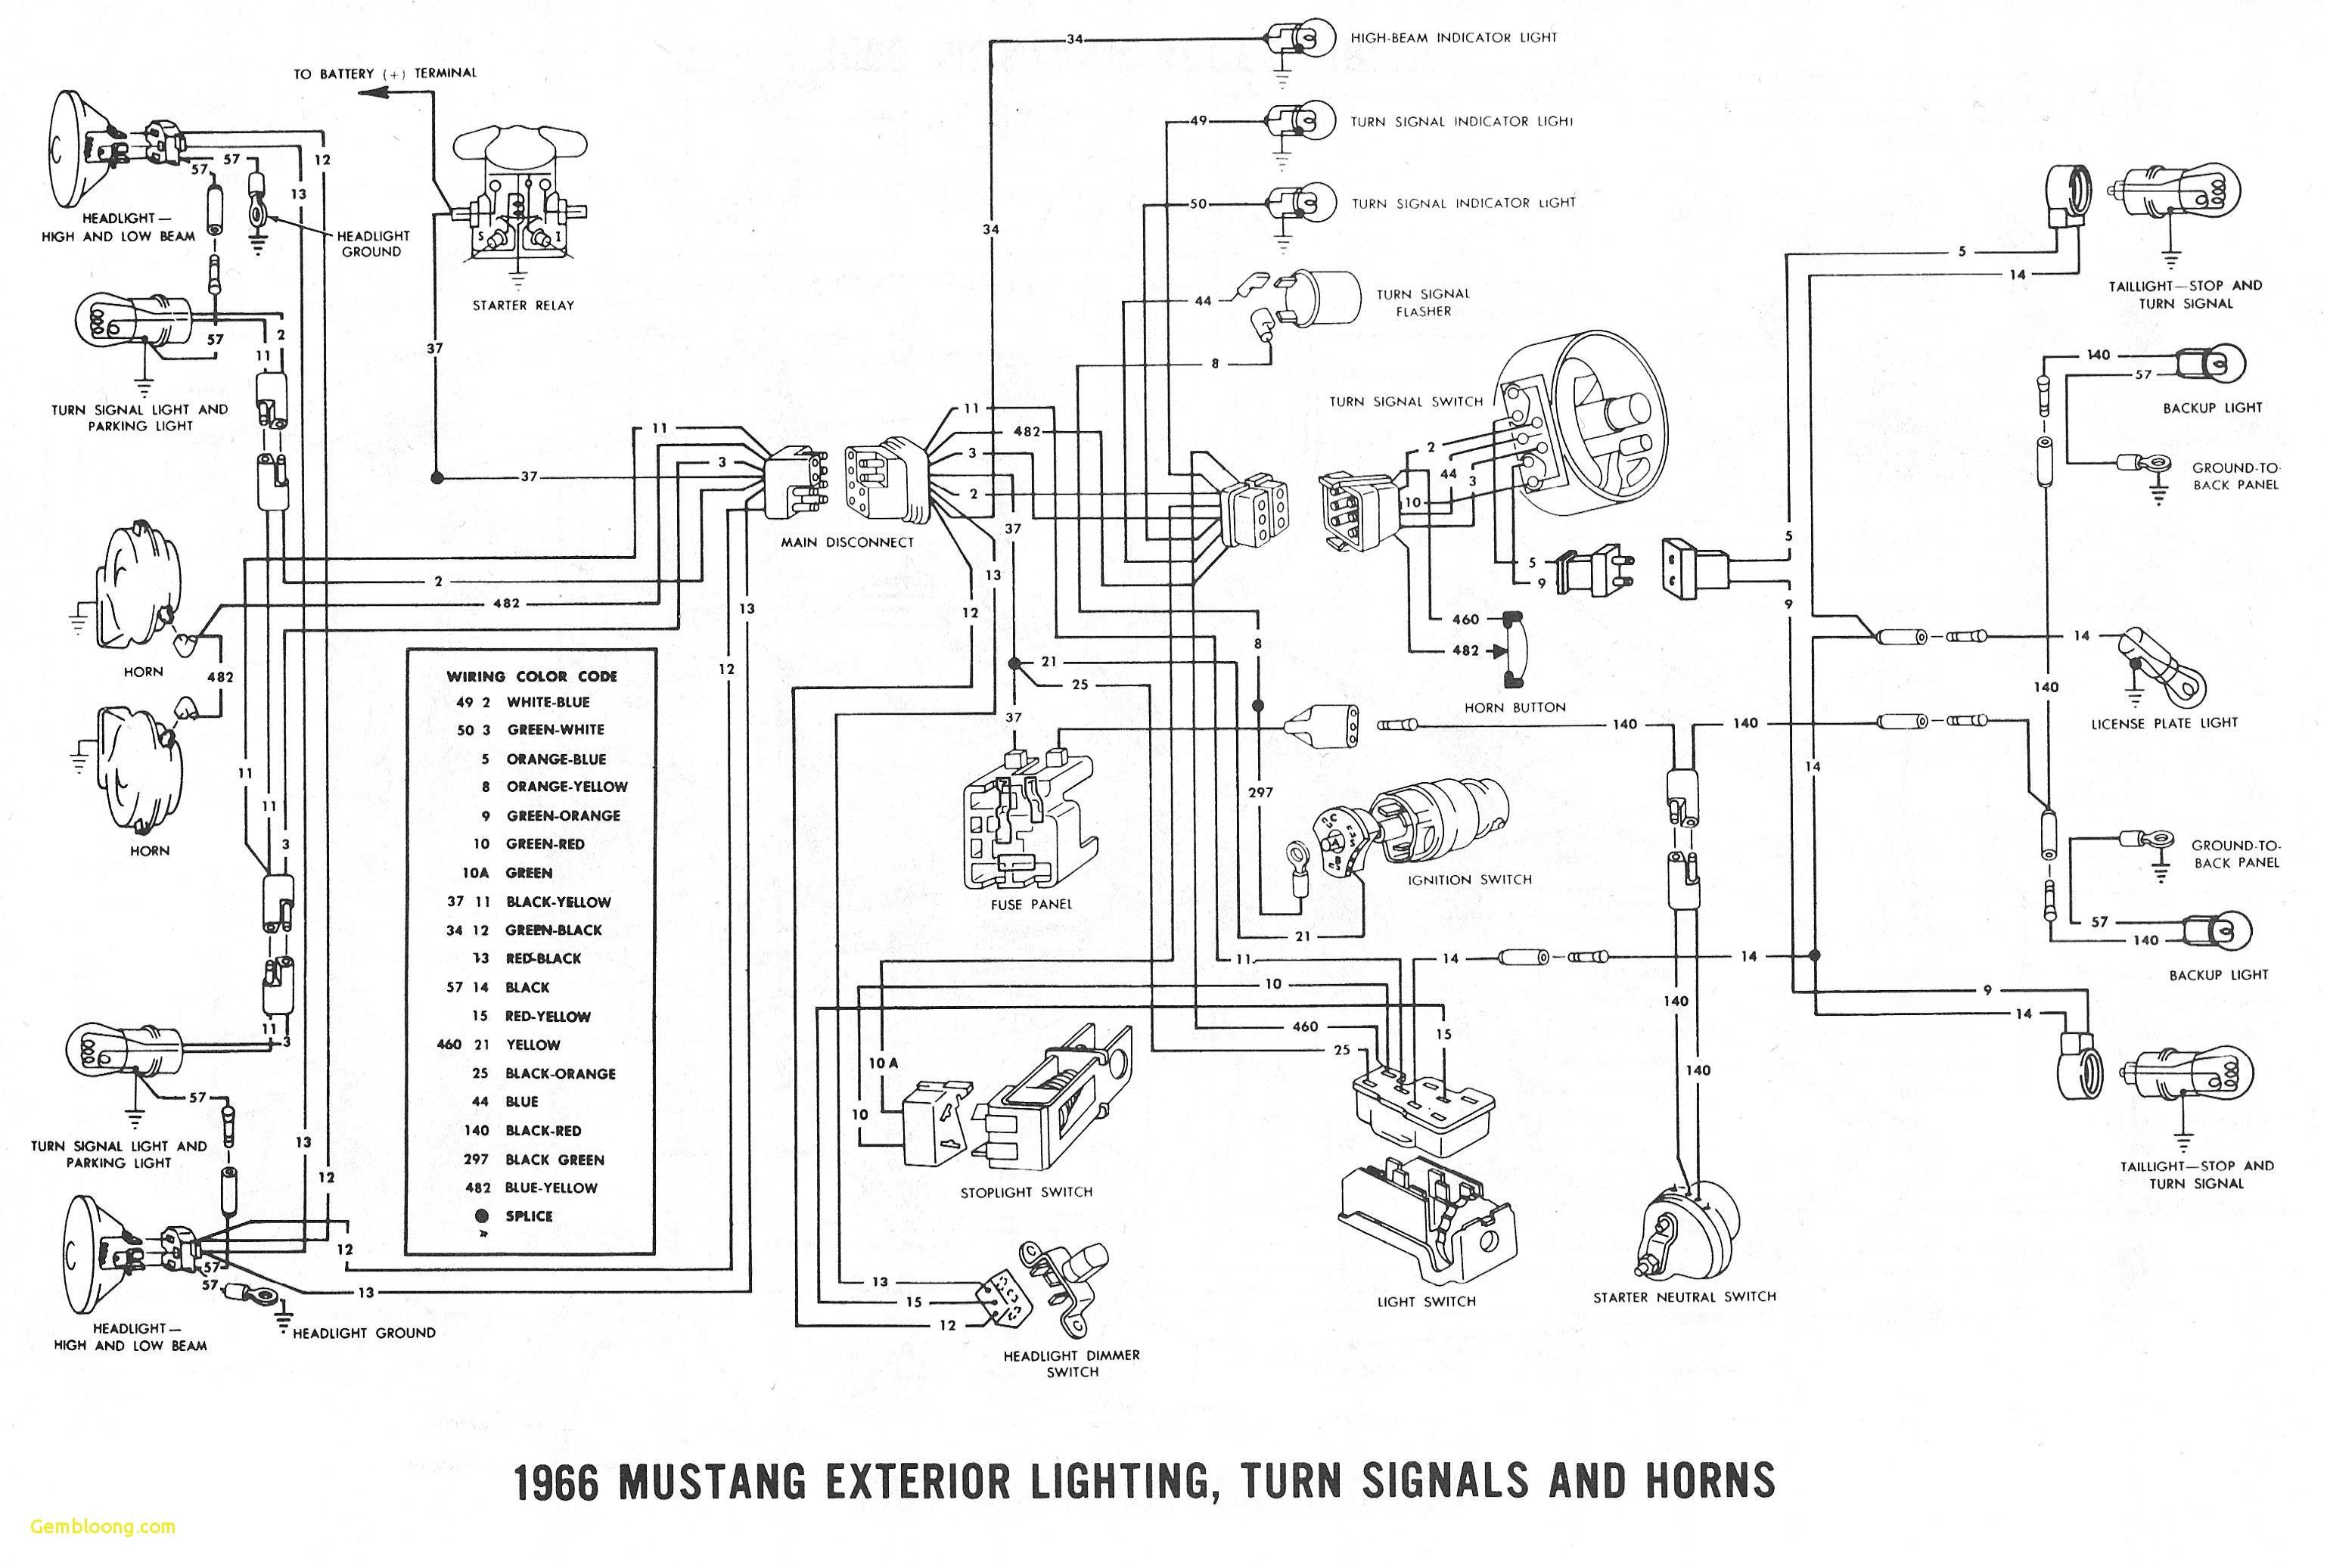 Bmw E36 Engine Diagram Bmw E36 325i Wiring Diagram Schema Wiring Diagram Of Bmw E36 Engine Diagram